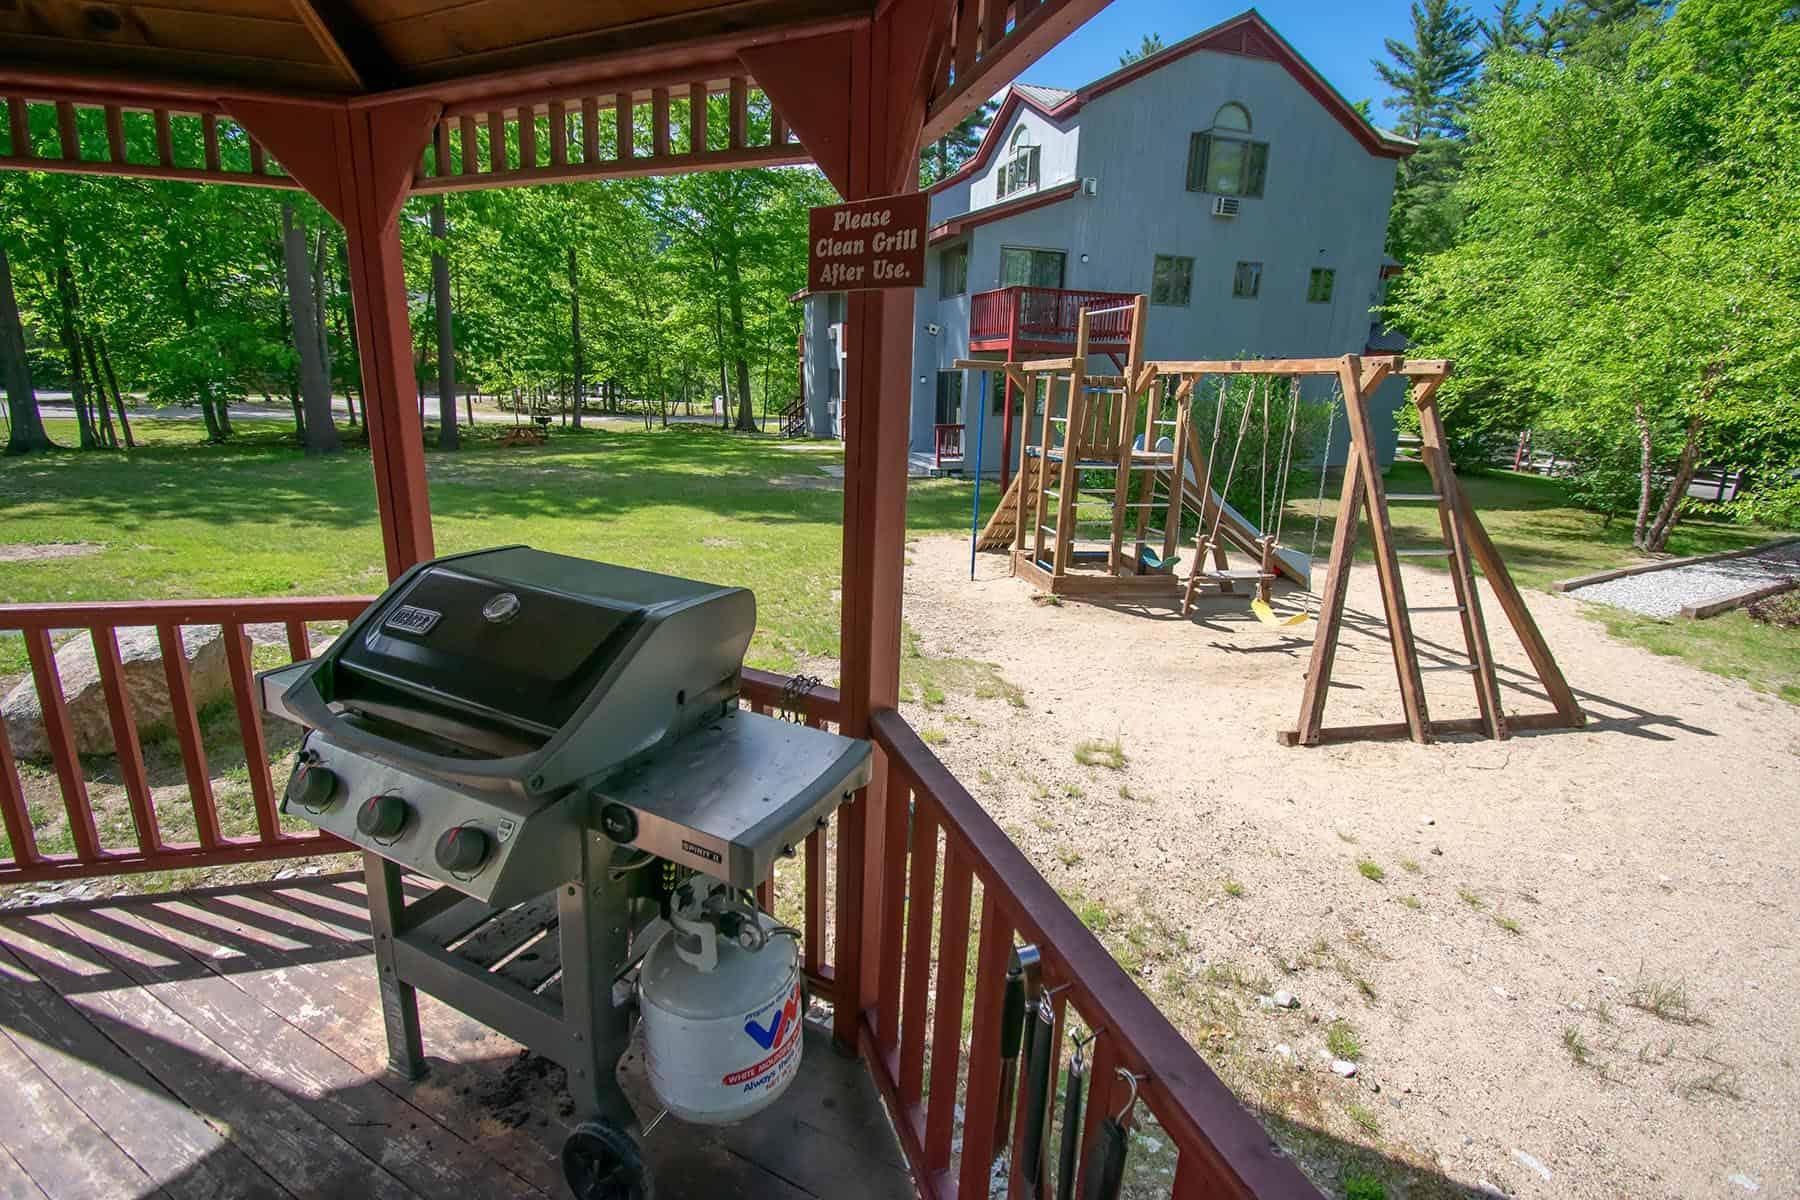 Gazebo Playground